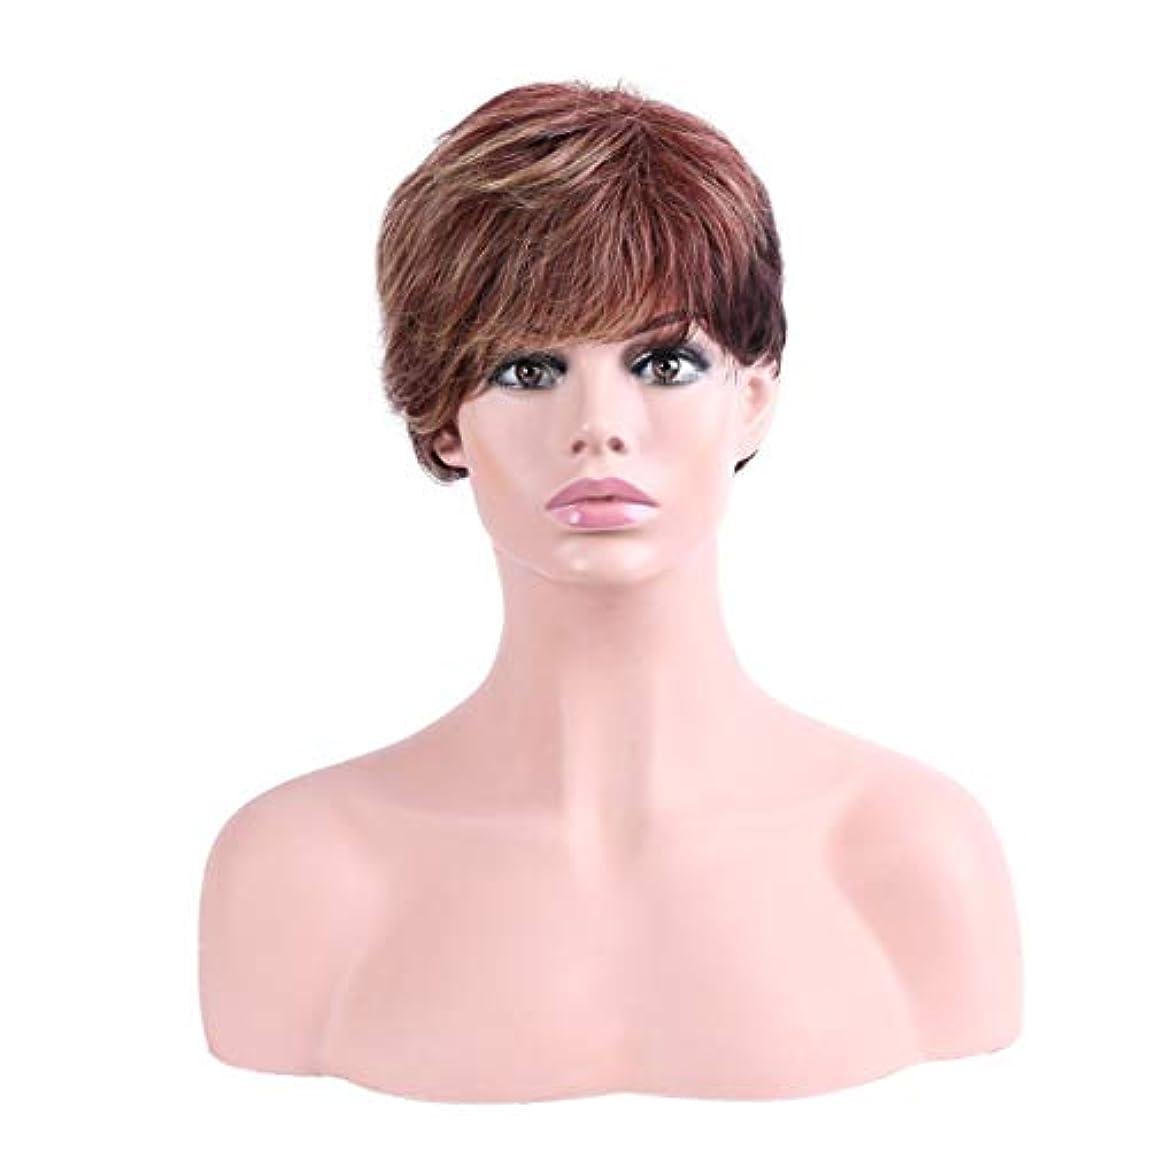 成功爆発するオセアニアYOUQIU 女性の耐熱ウィッグナチュラルヘアウィッグ用オンブル茶ショート傾斜部髪の天然、合成ウィッグ (色 : Ombre Brown)